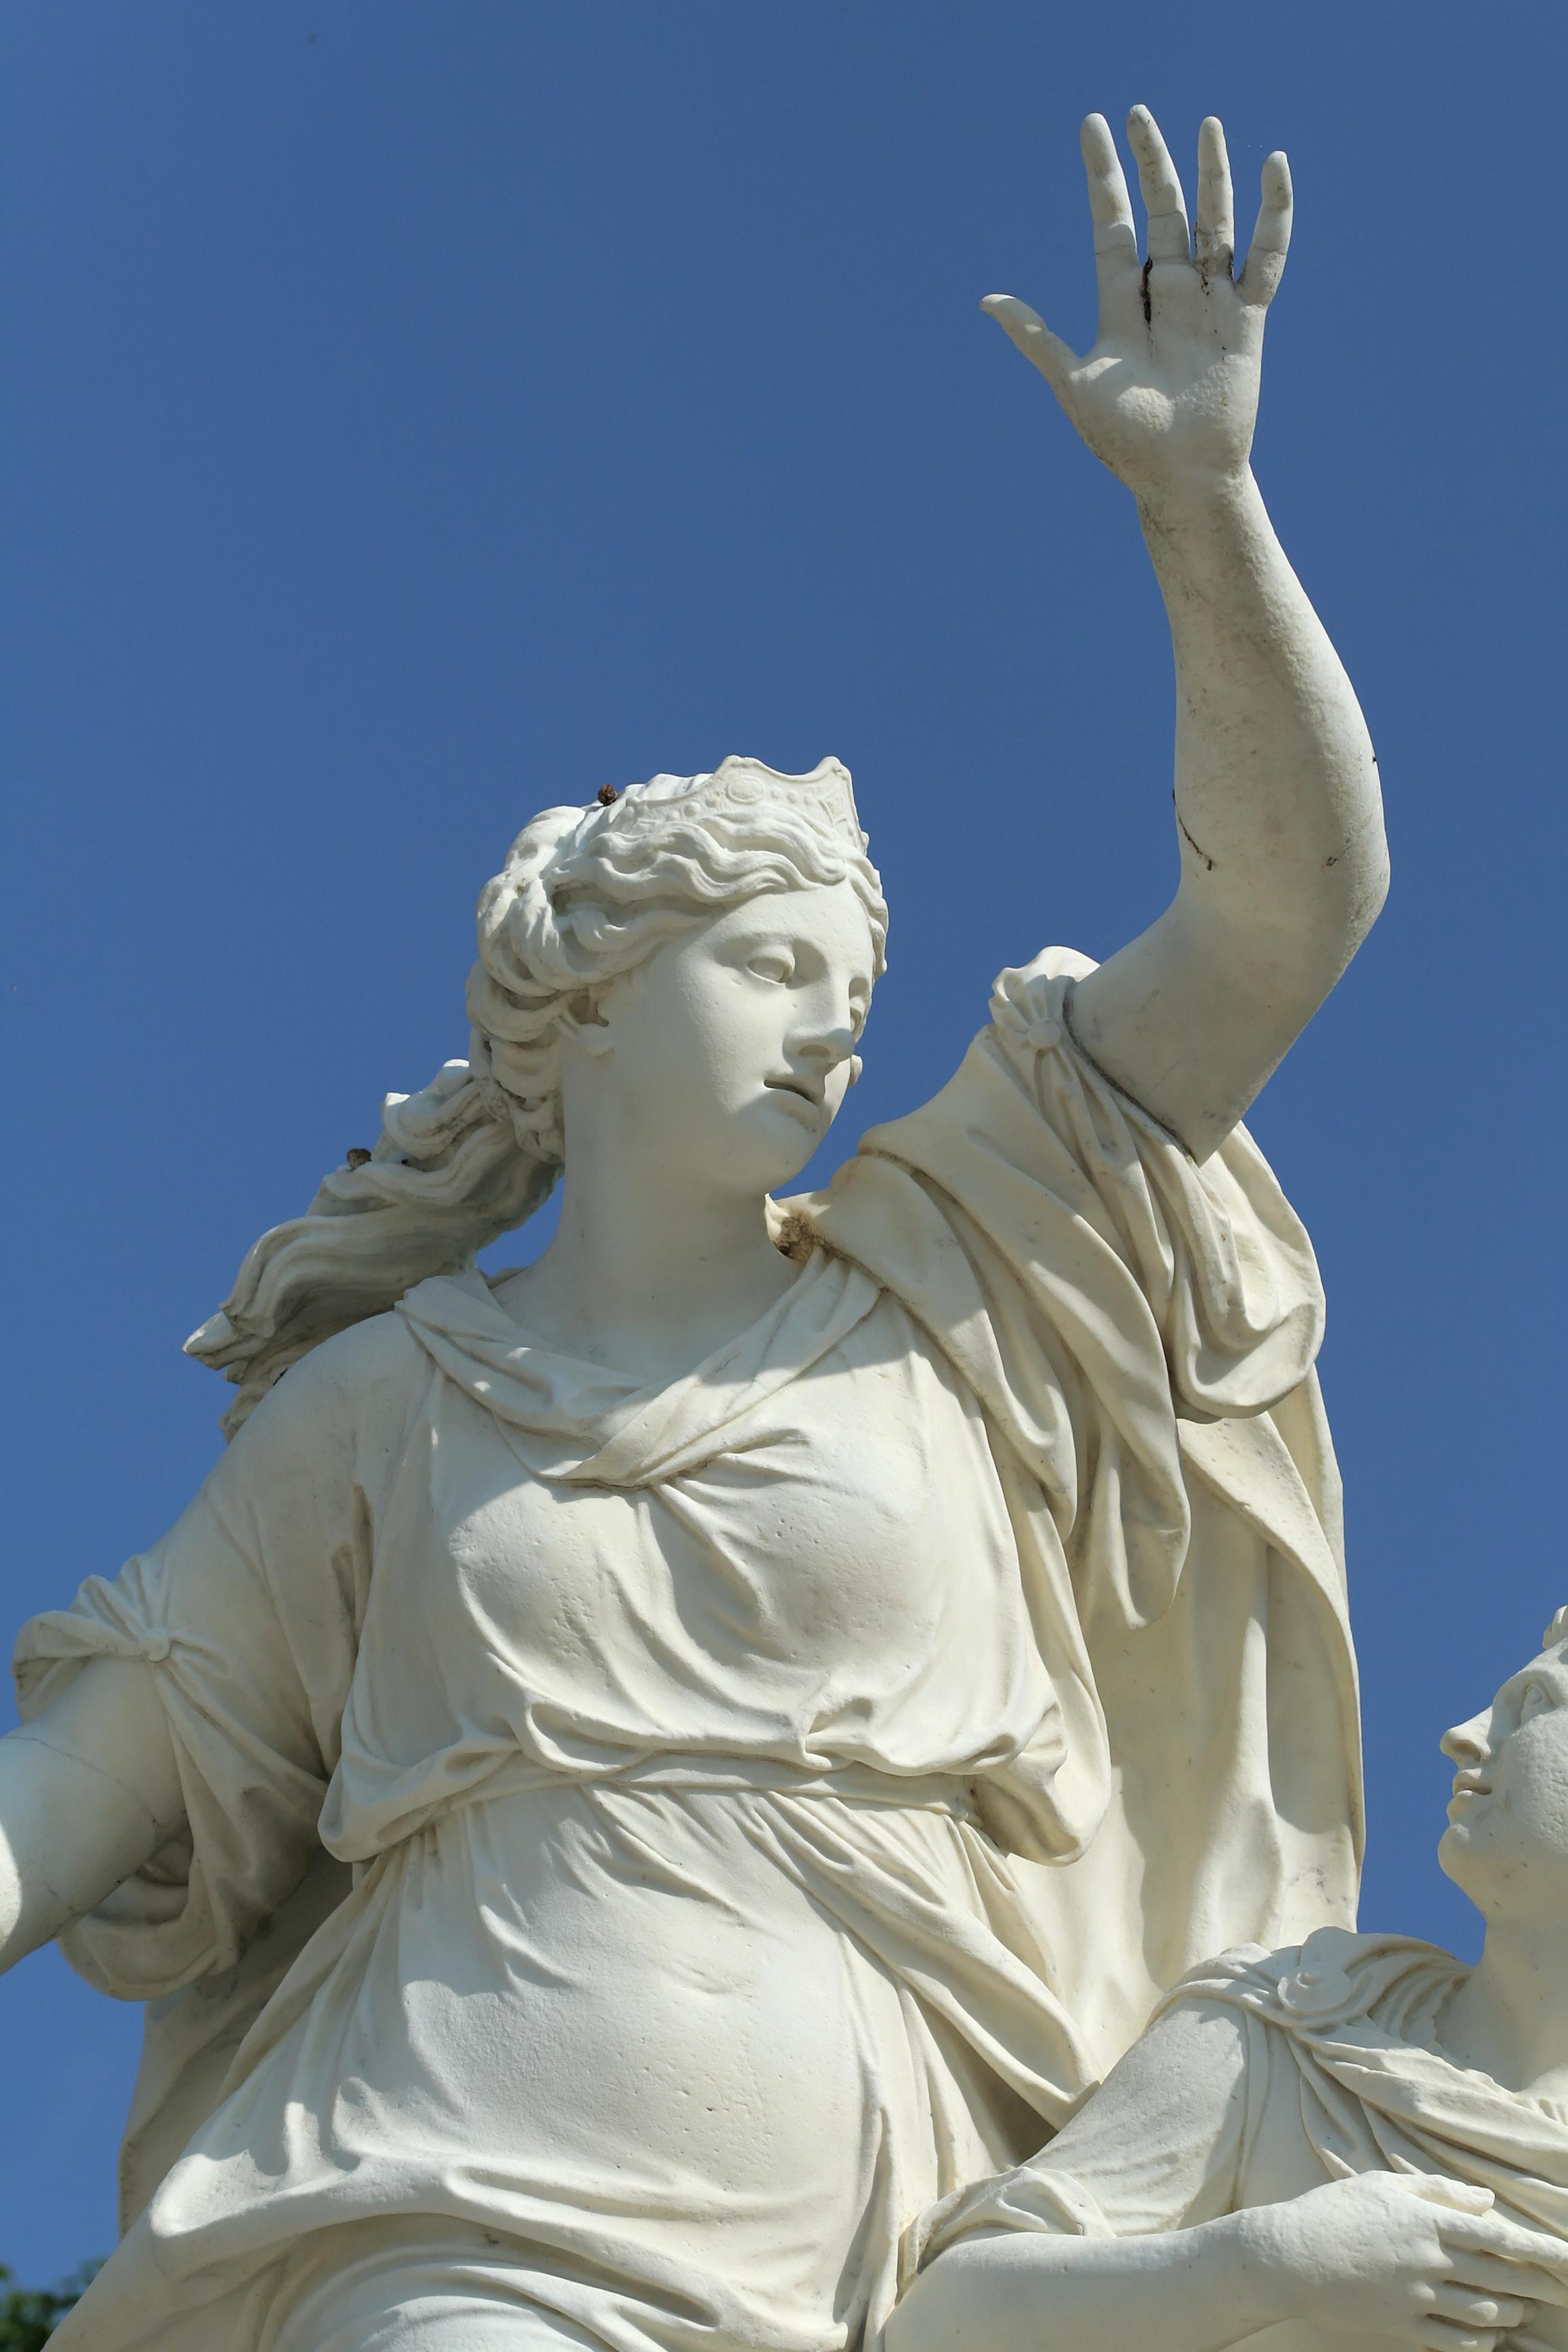 Image De Apollon file:parc de versailles, demi-lune du bassin d'apollon, ino et